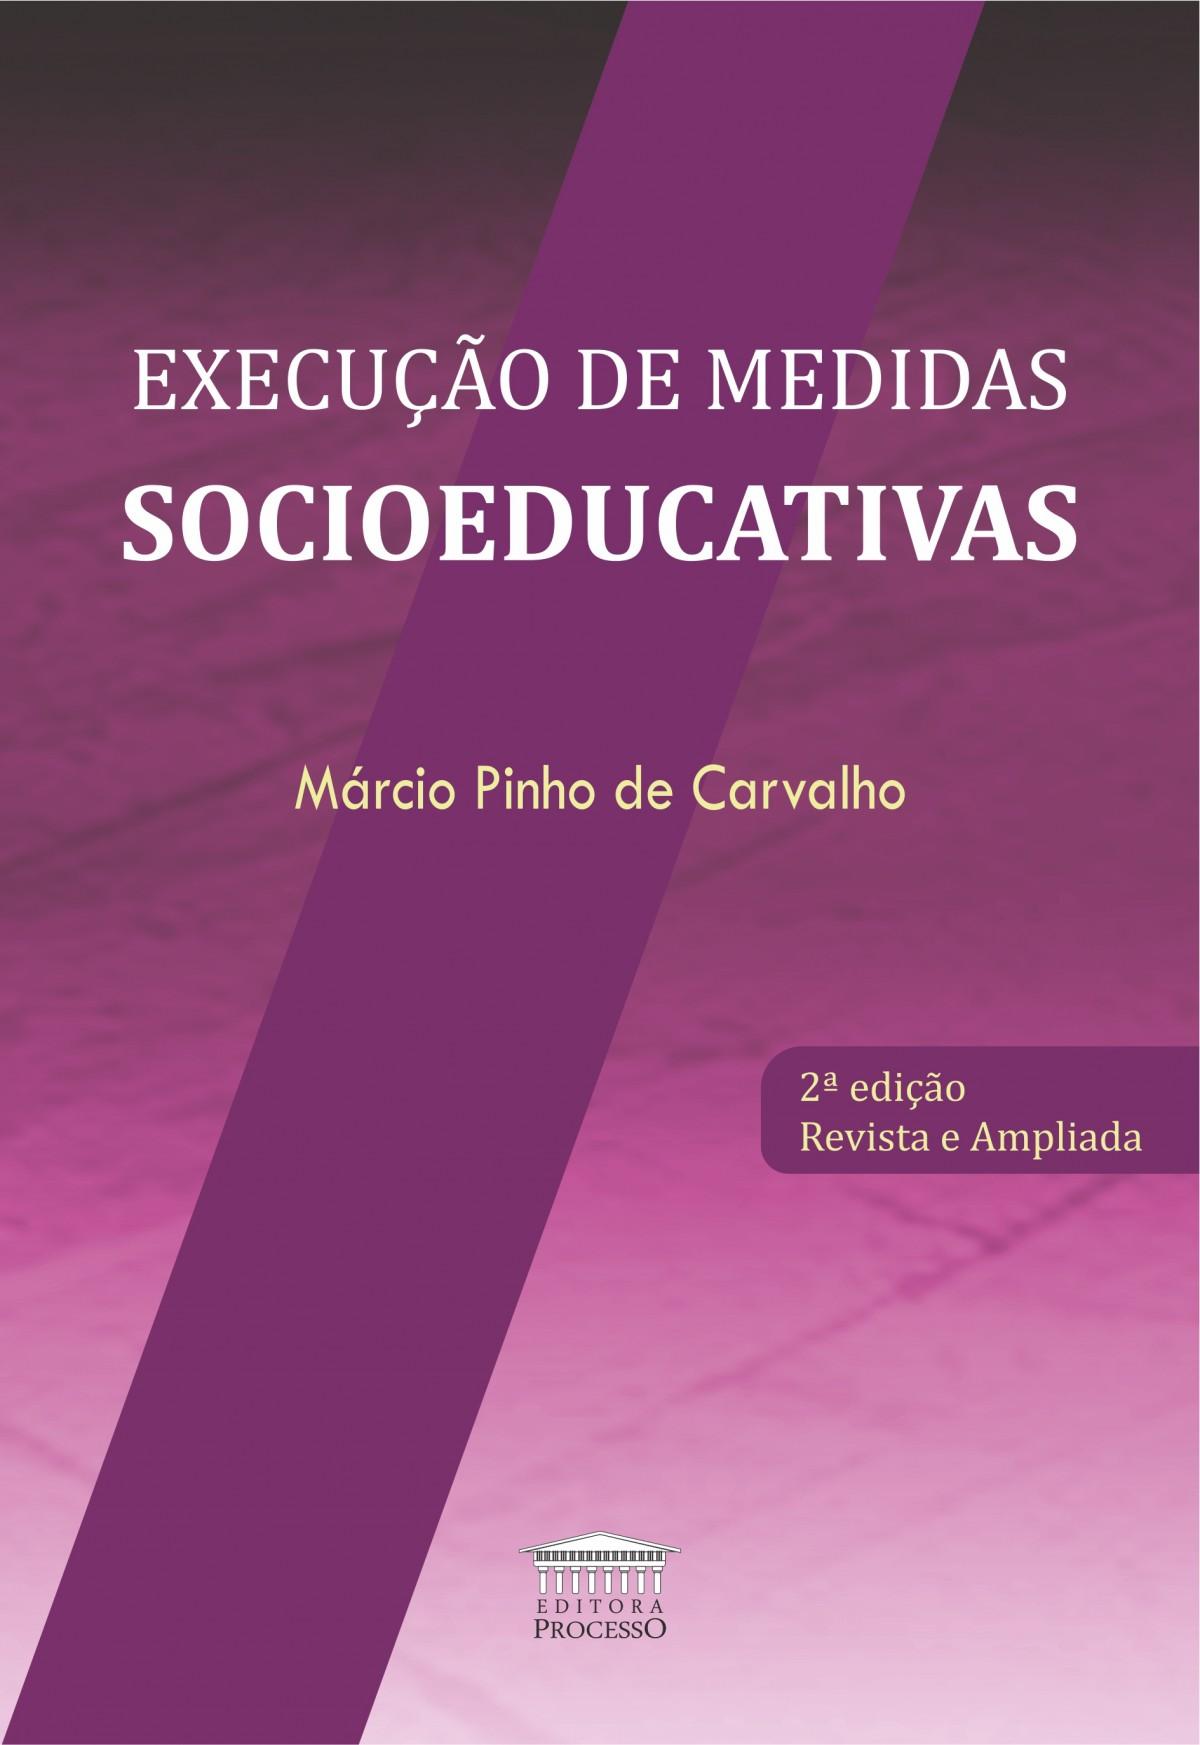 Foto 1 - Execução de Medidas Socioeducativas - 2ª edição